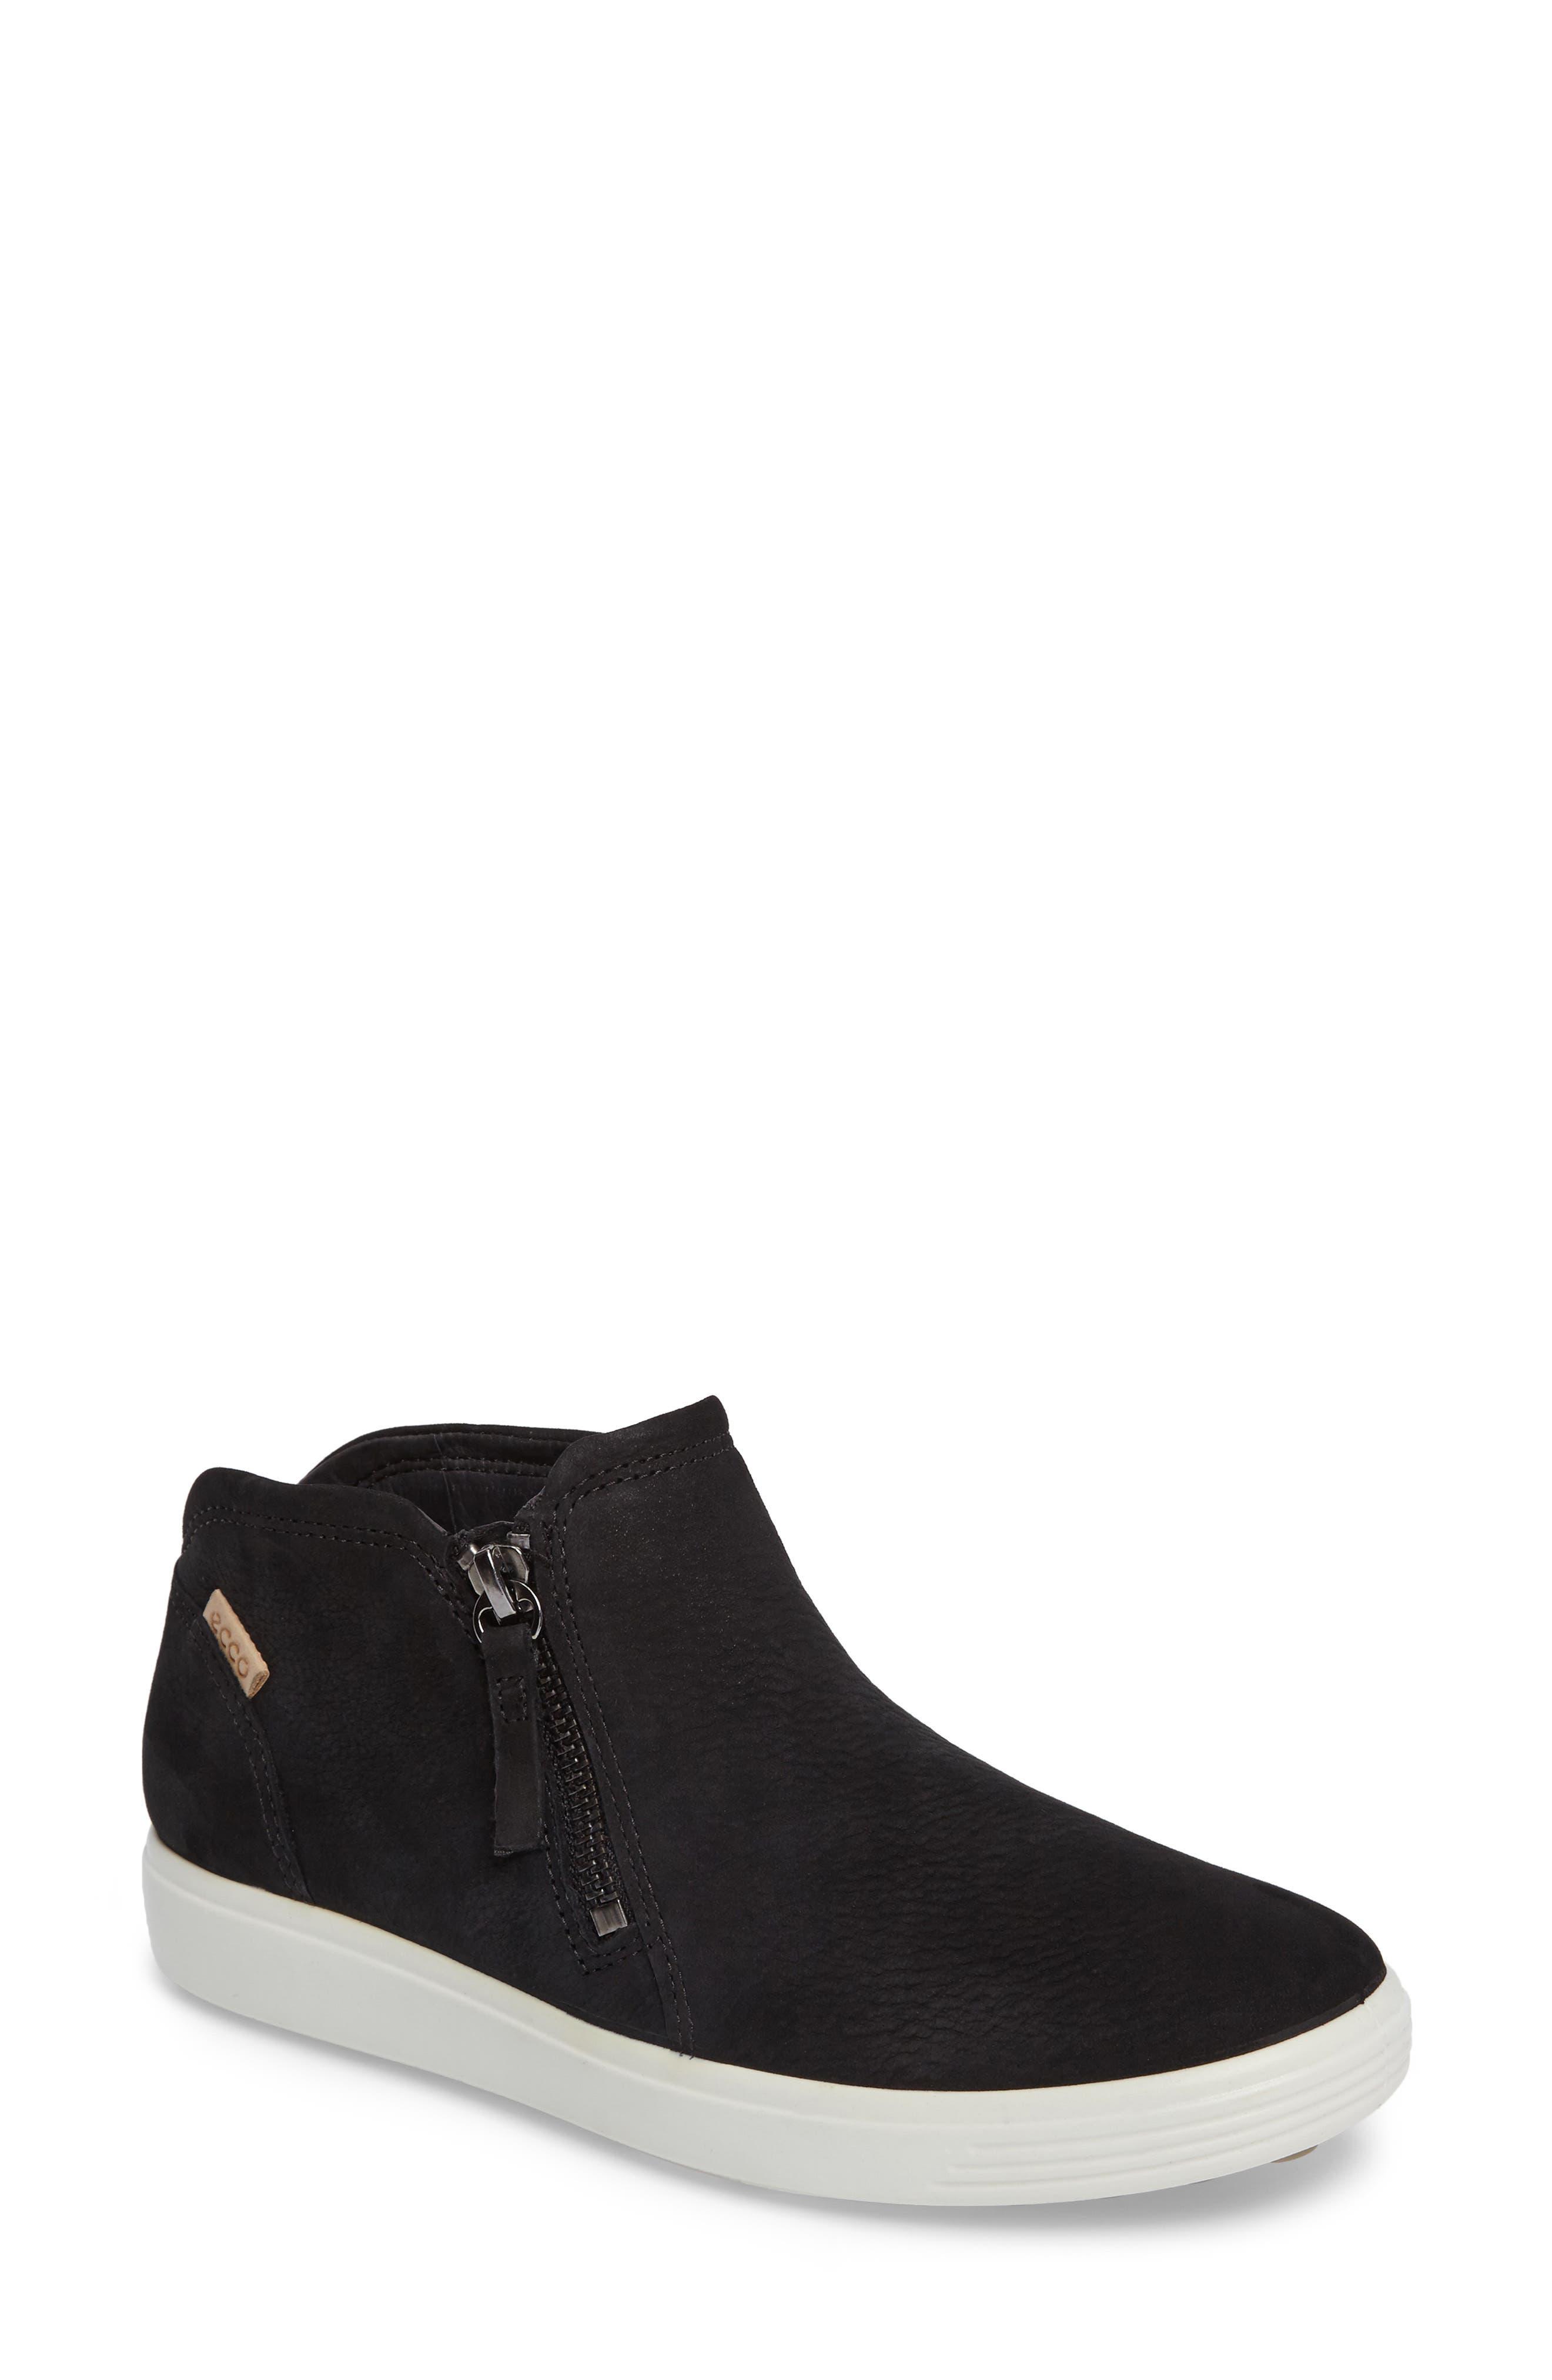 Women's Ecco Soft 7 Mid Top Sneaker